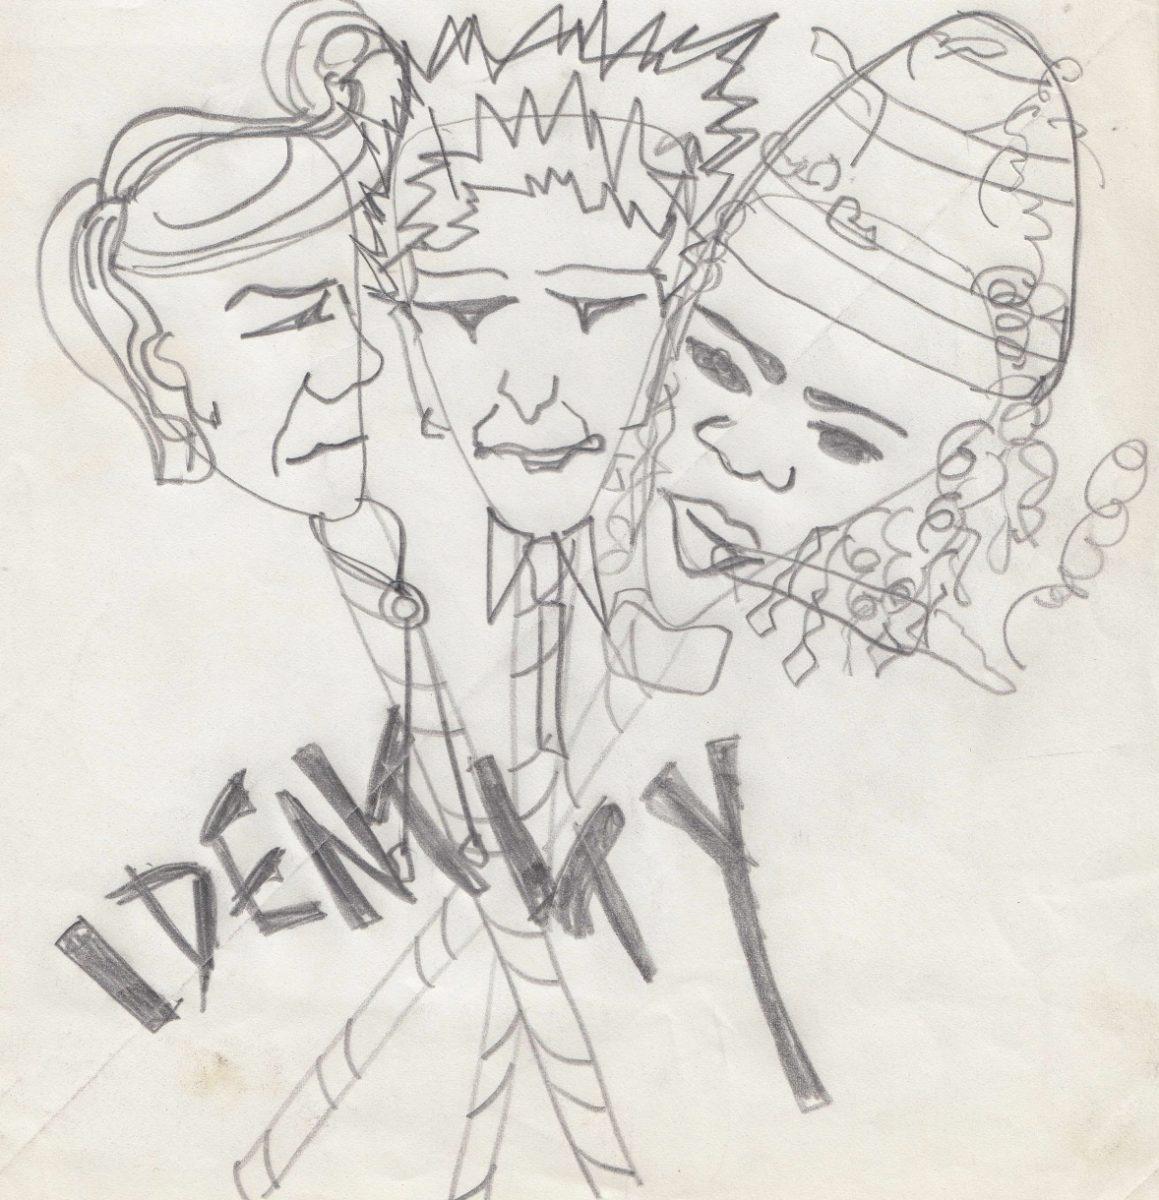 Poly Styrene's artwork for Identity